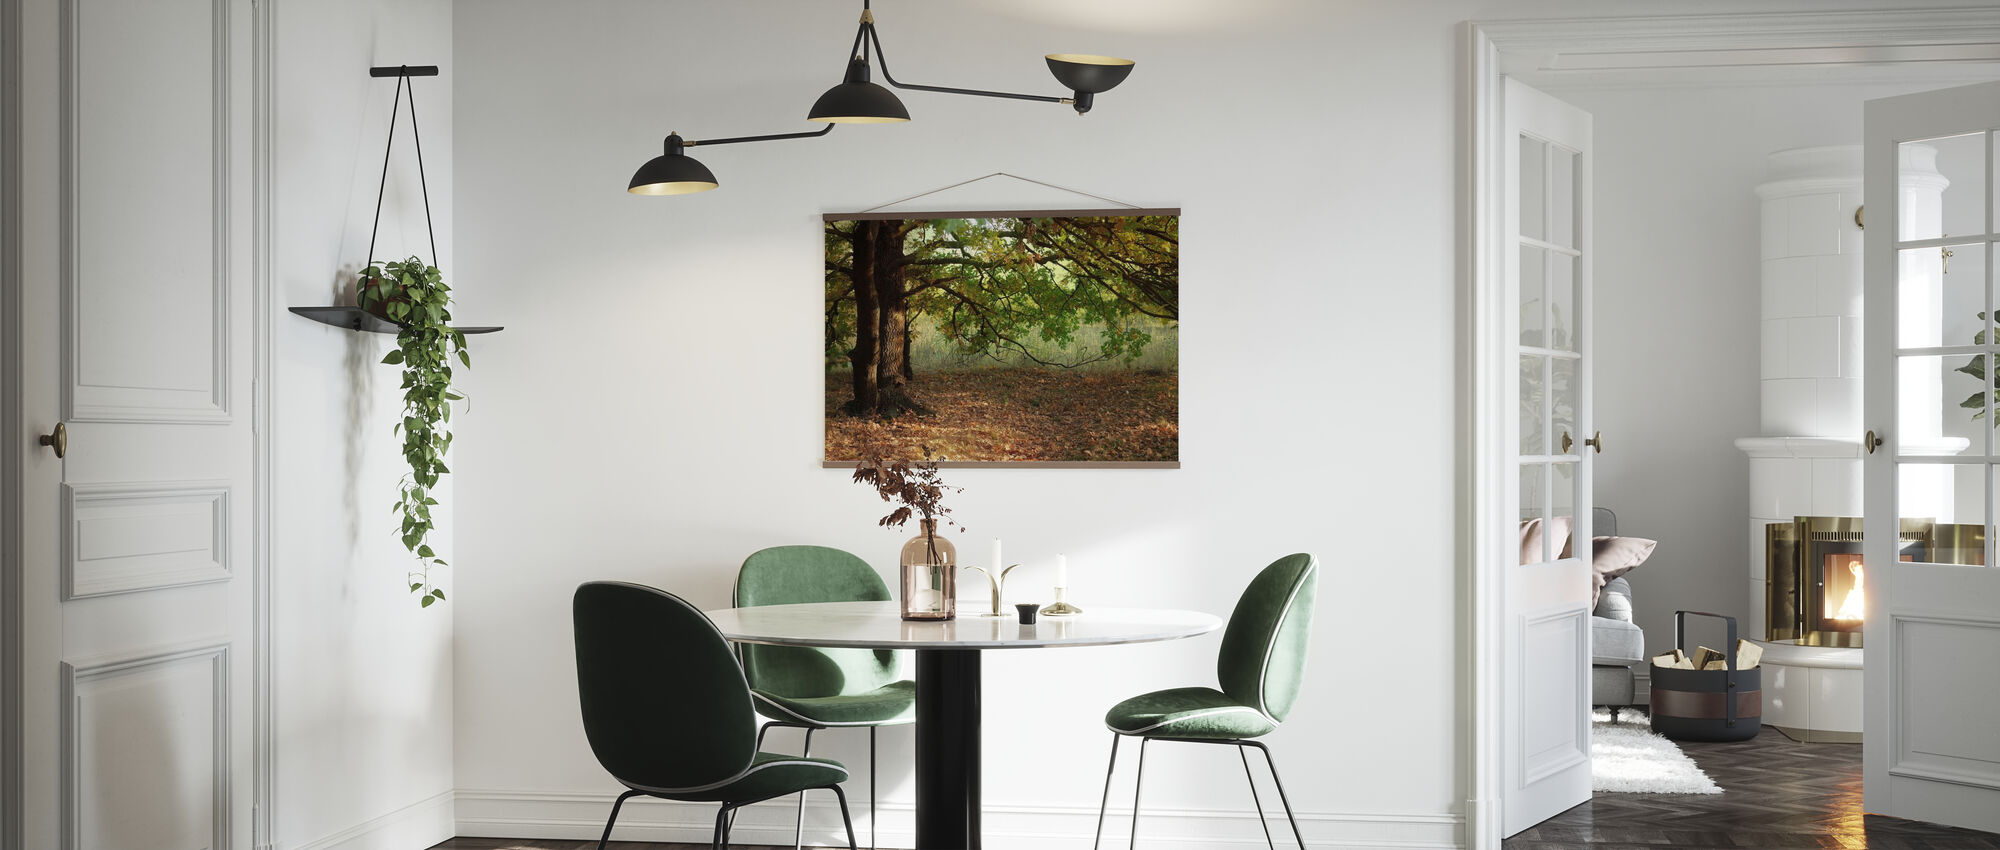 Evening Sun Beams on Autumn Leaves of Oak Tree - Poster - Kitchen